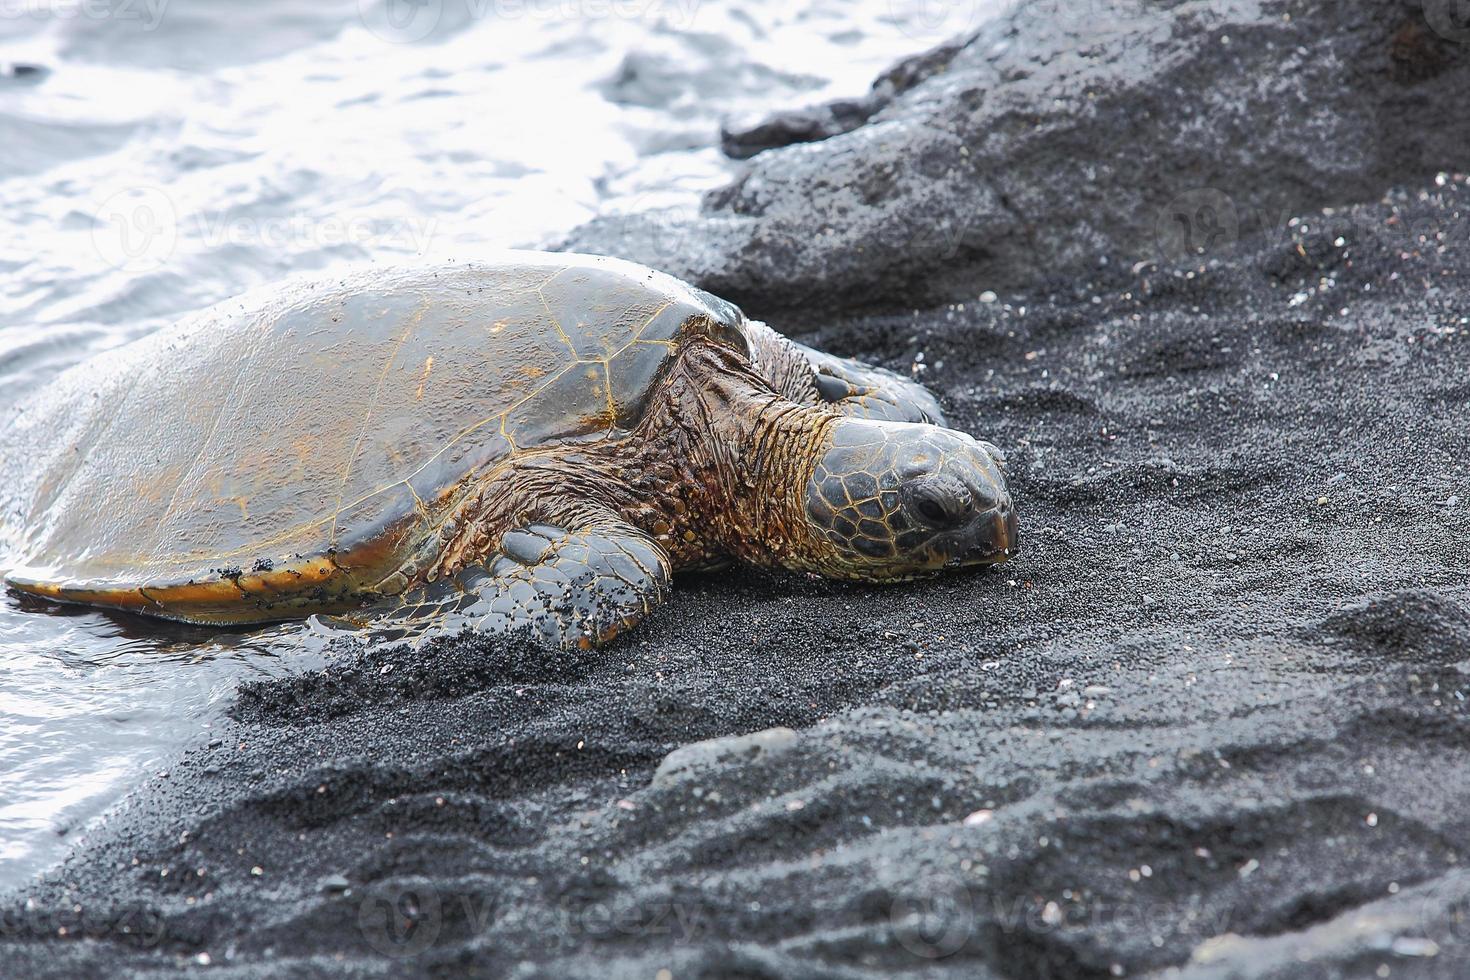 linda tartaruga verde ameaçada de extinção foto